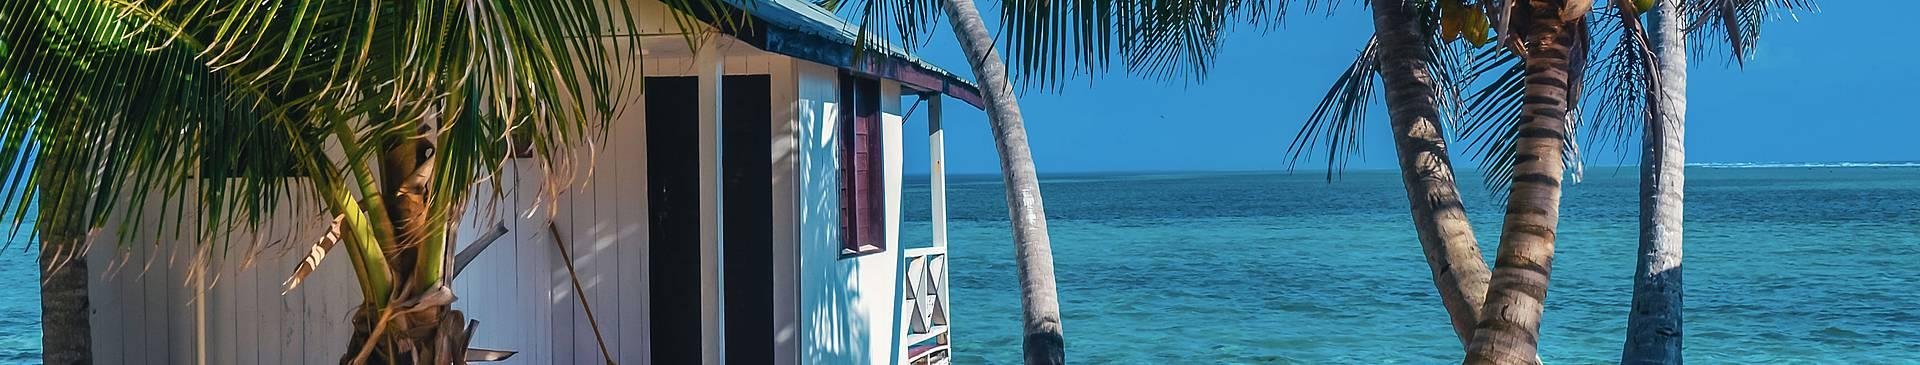 Islands in Belize